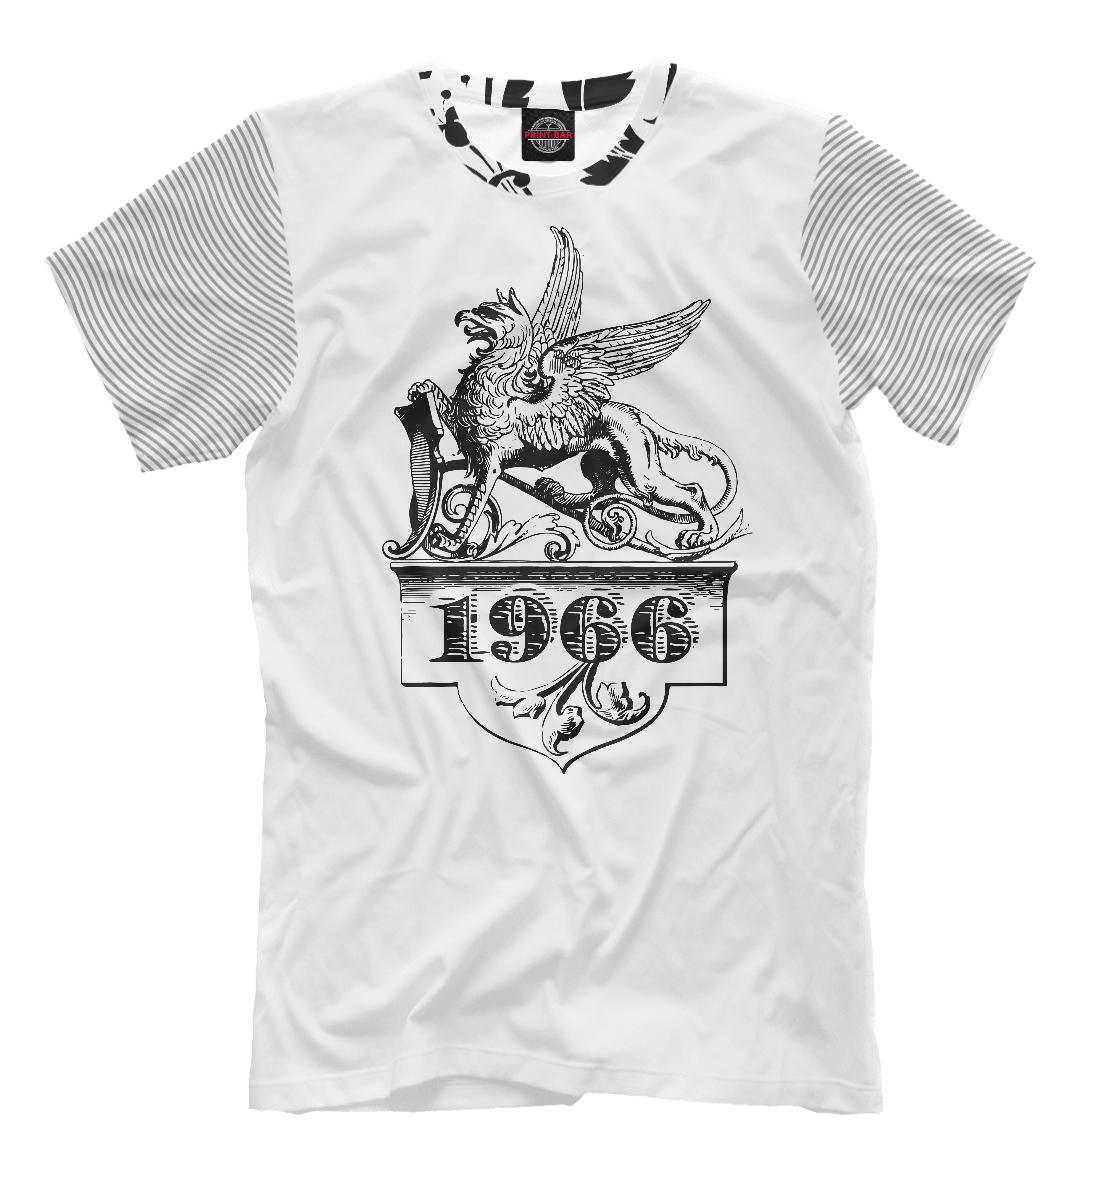 Купить 1966 год Оберег Грифон, Printbar, Футболки, DHH-837237-fut-2